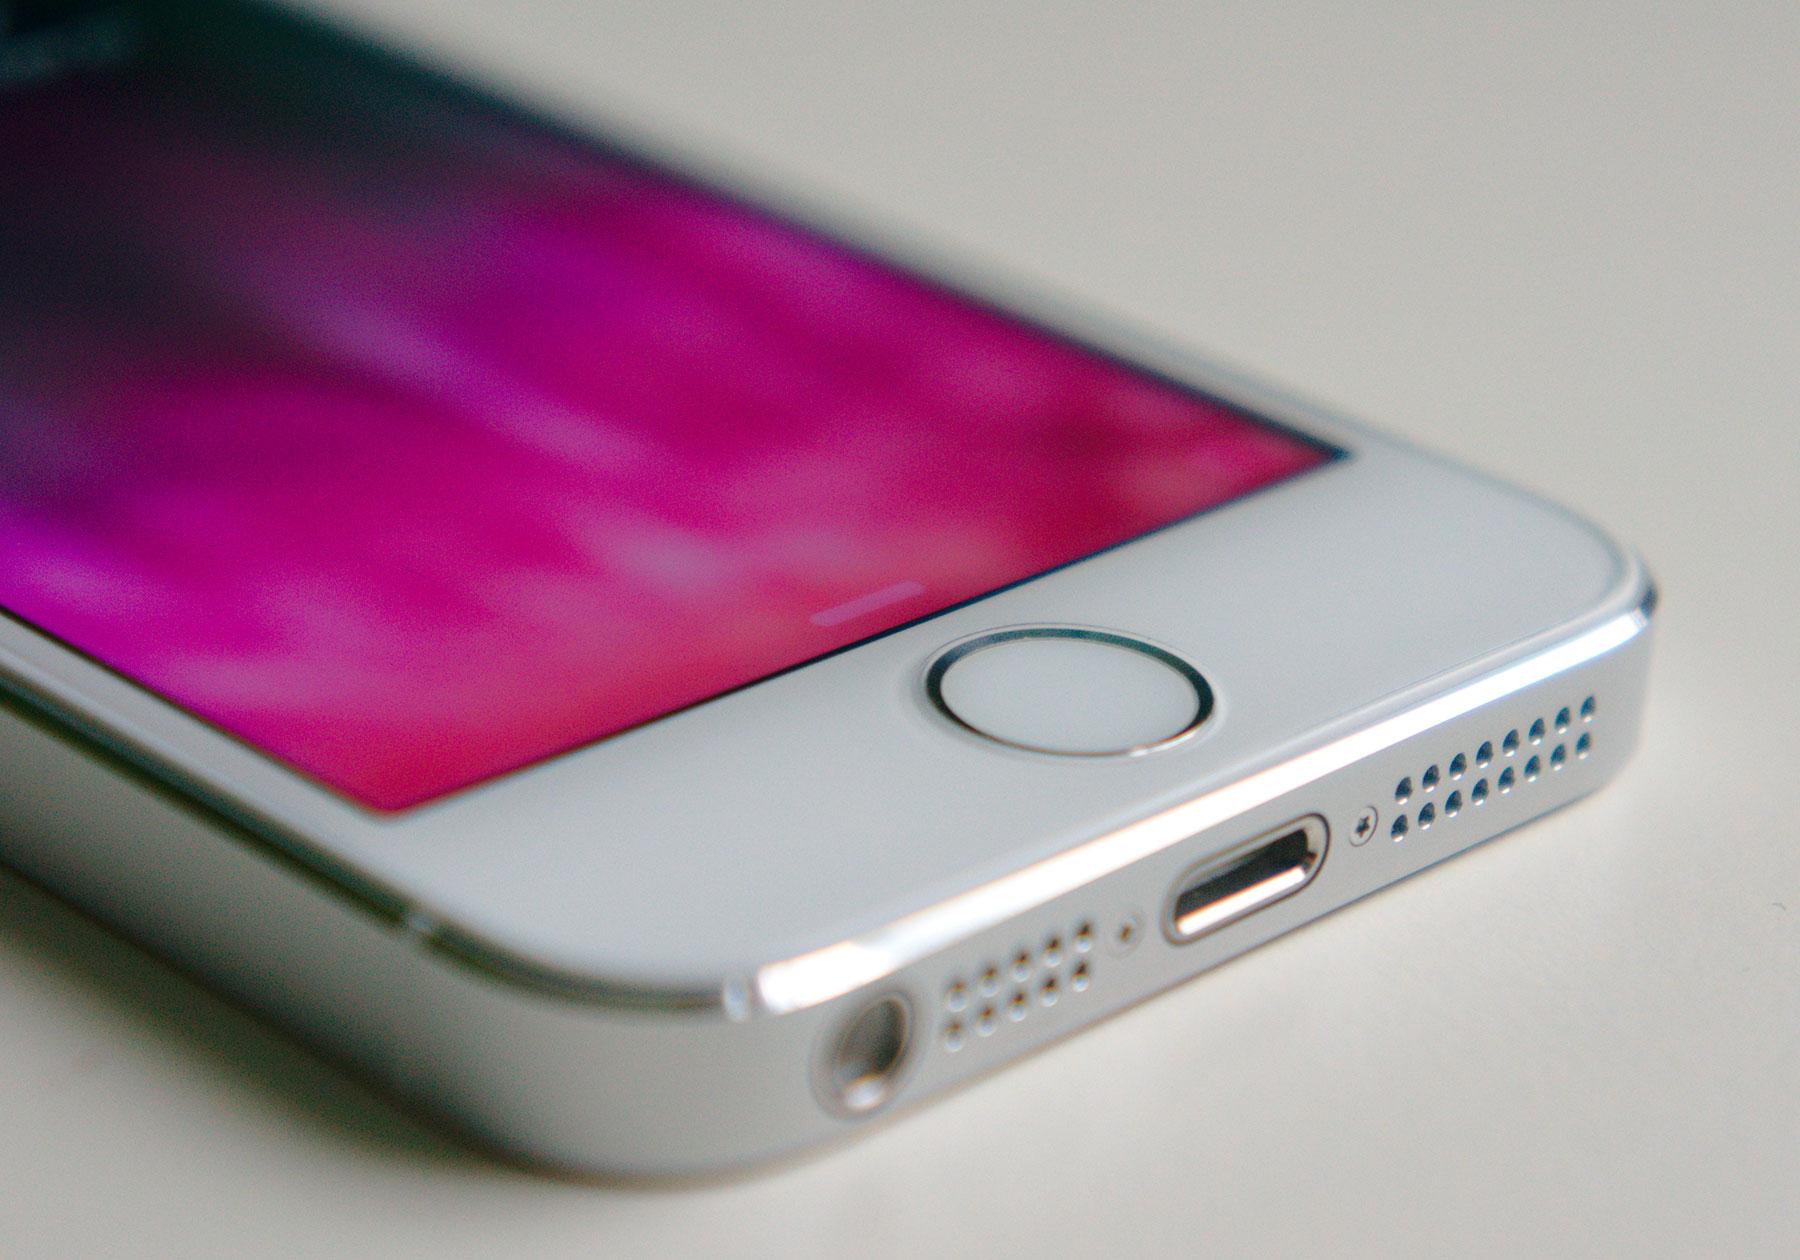 Crystal cobrará para permitir publicidad en iOS